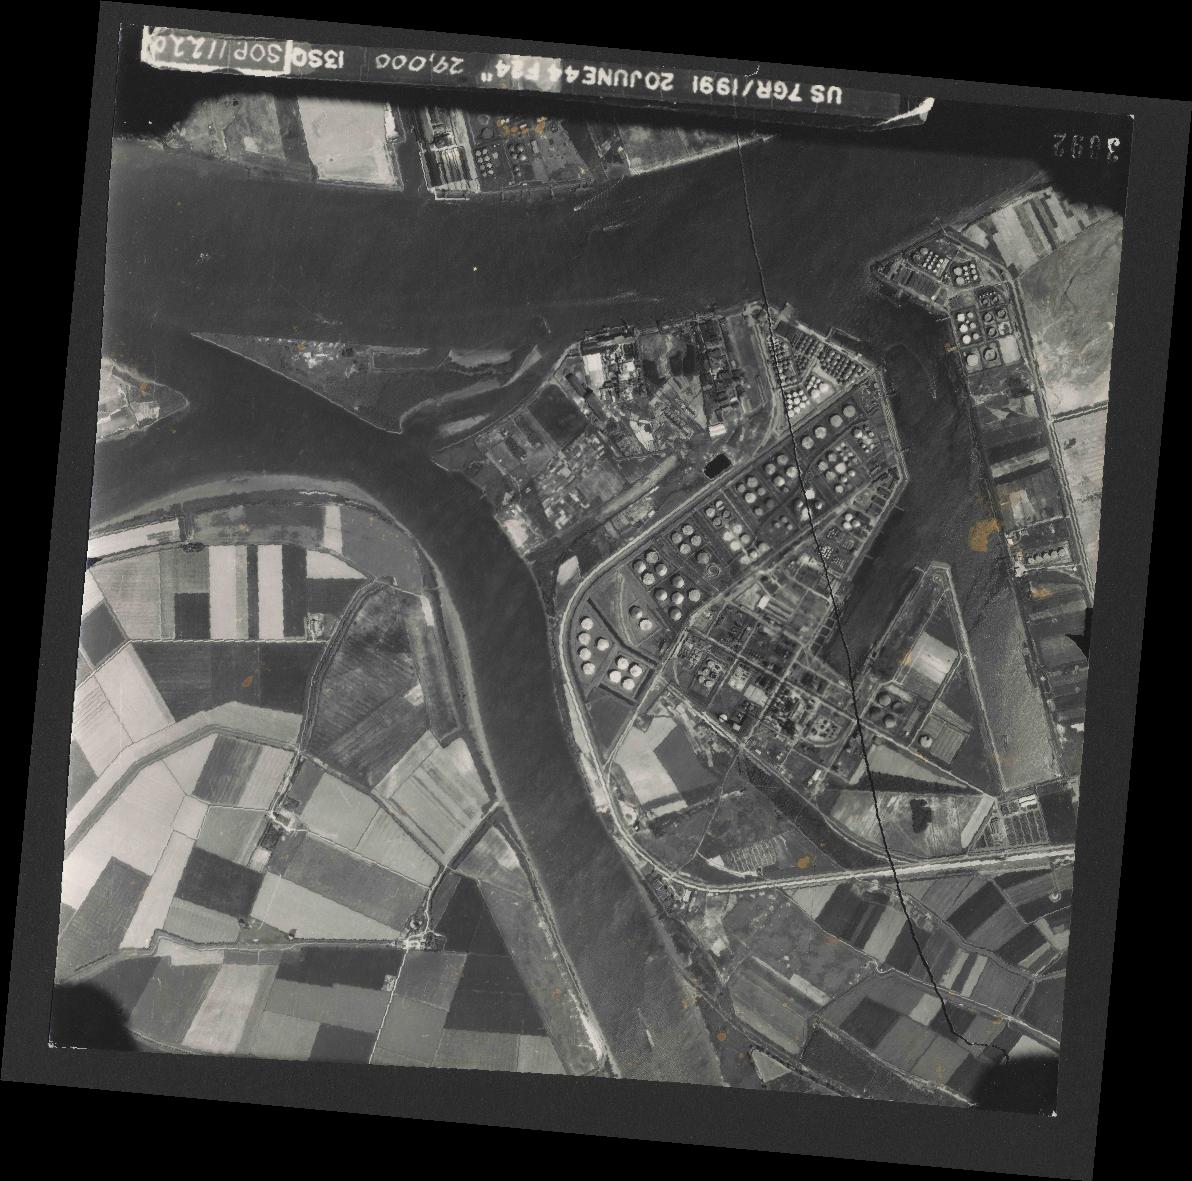 Collection RAF aerial photos 1940-1945 - flight 343, run 13, photo 3092